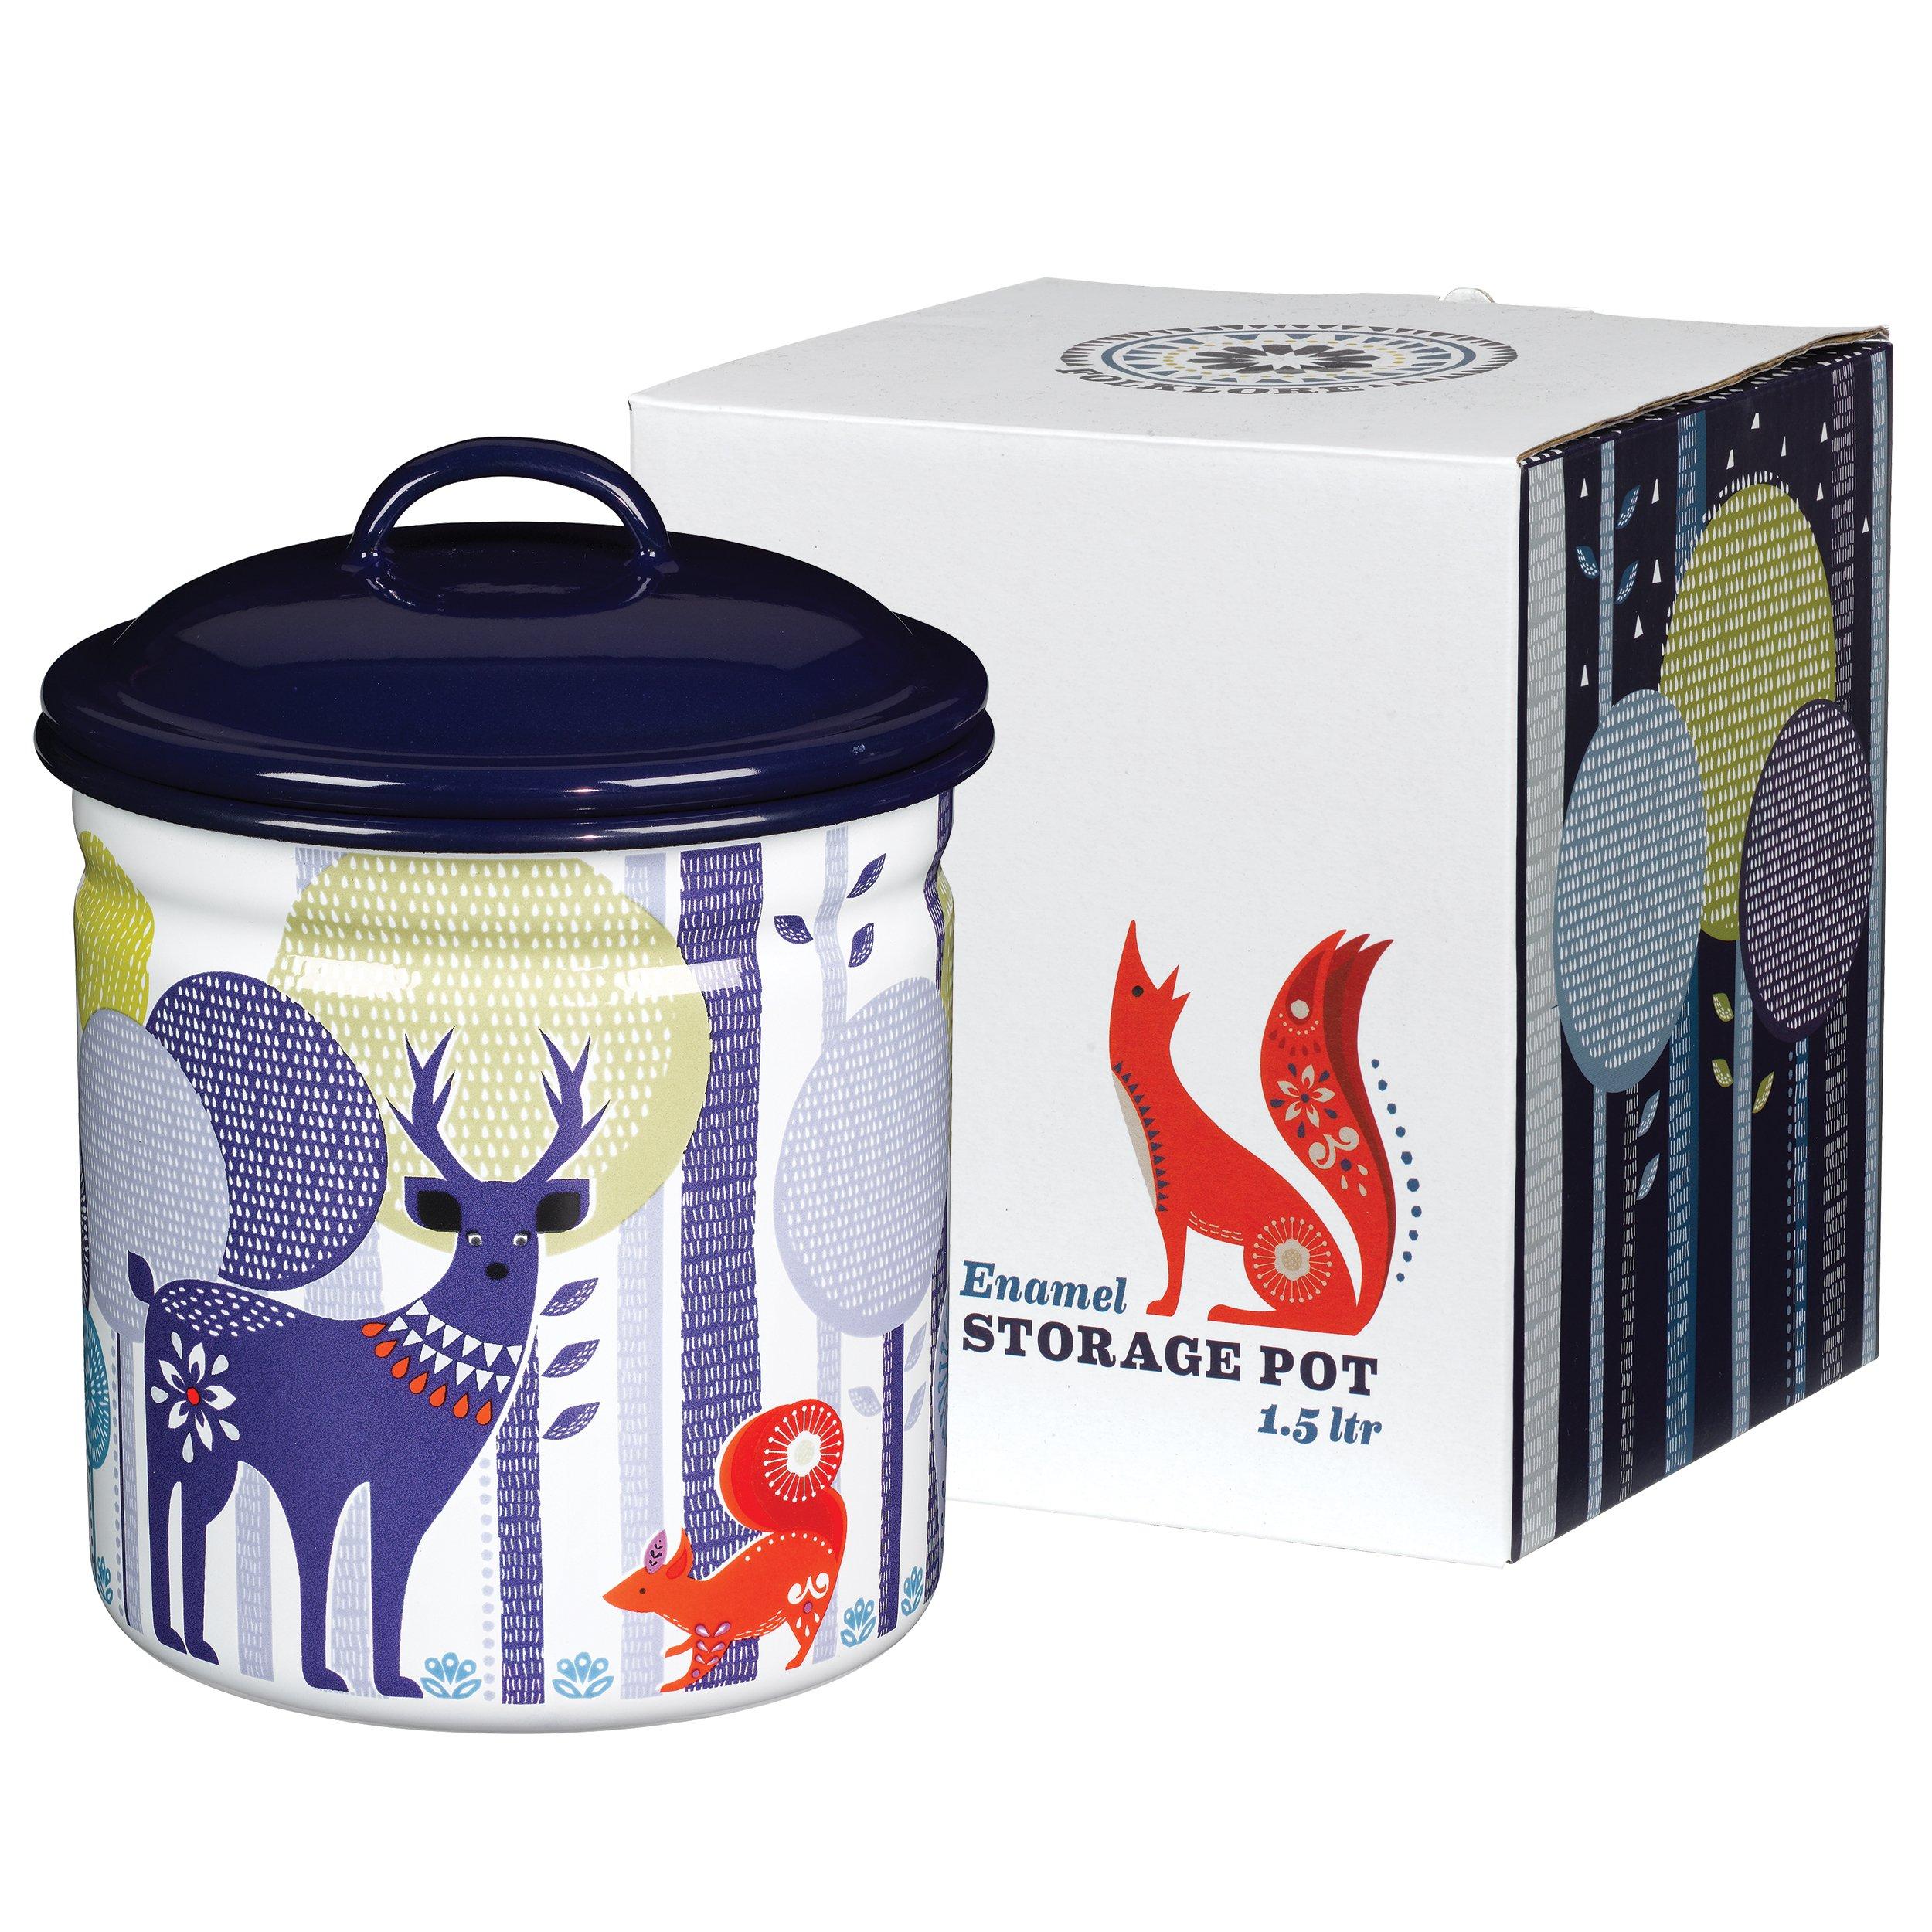 Folklore Enamel Storage Pot, Day Design, White